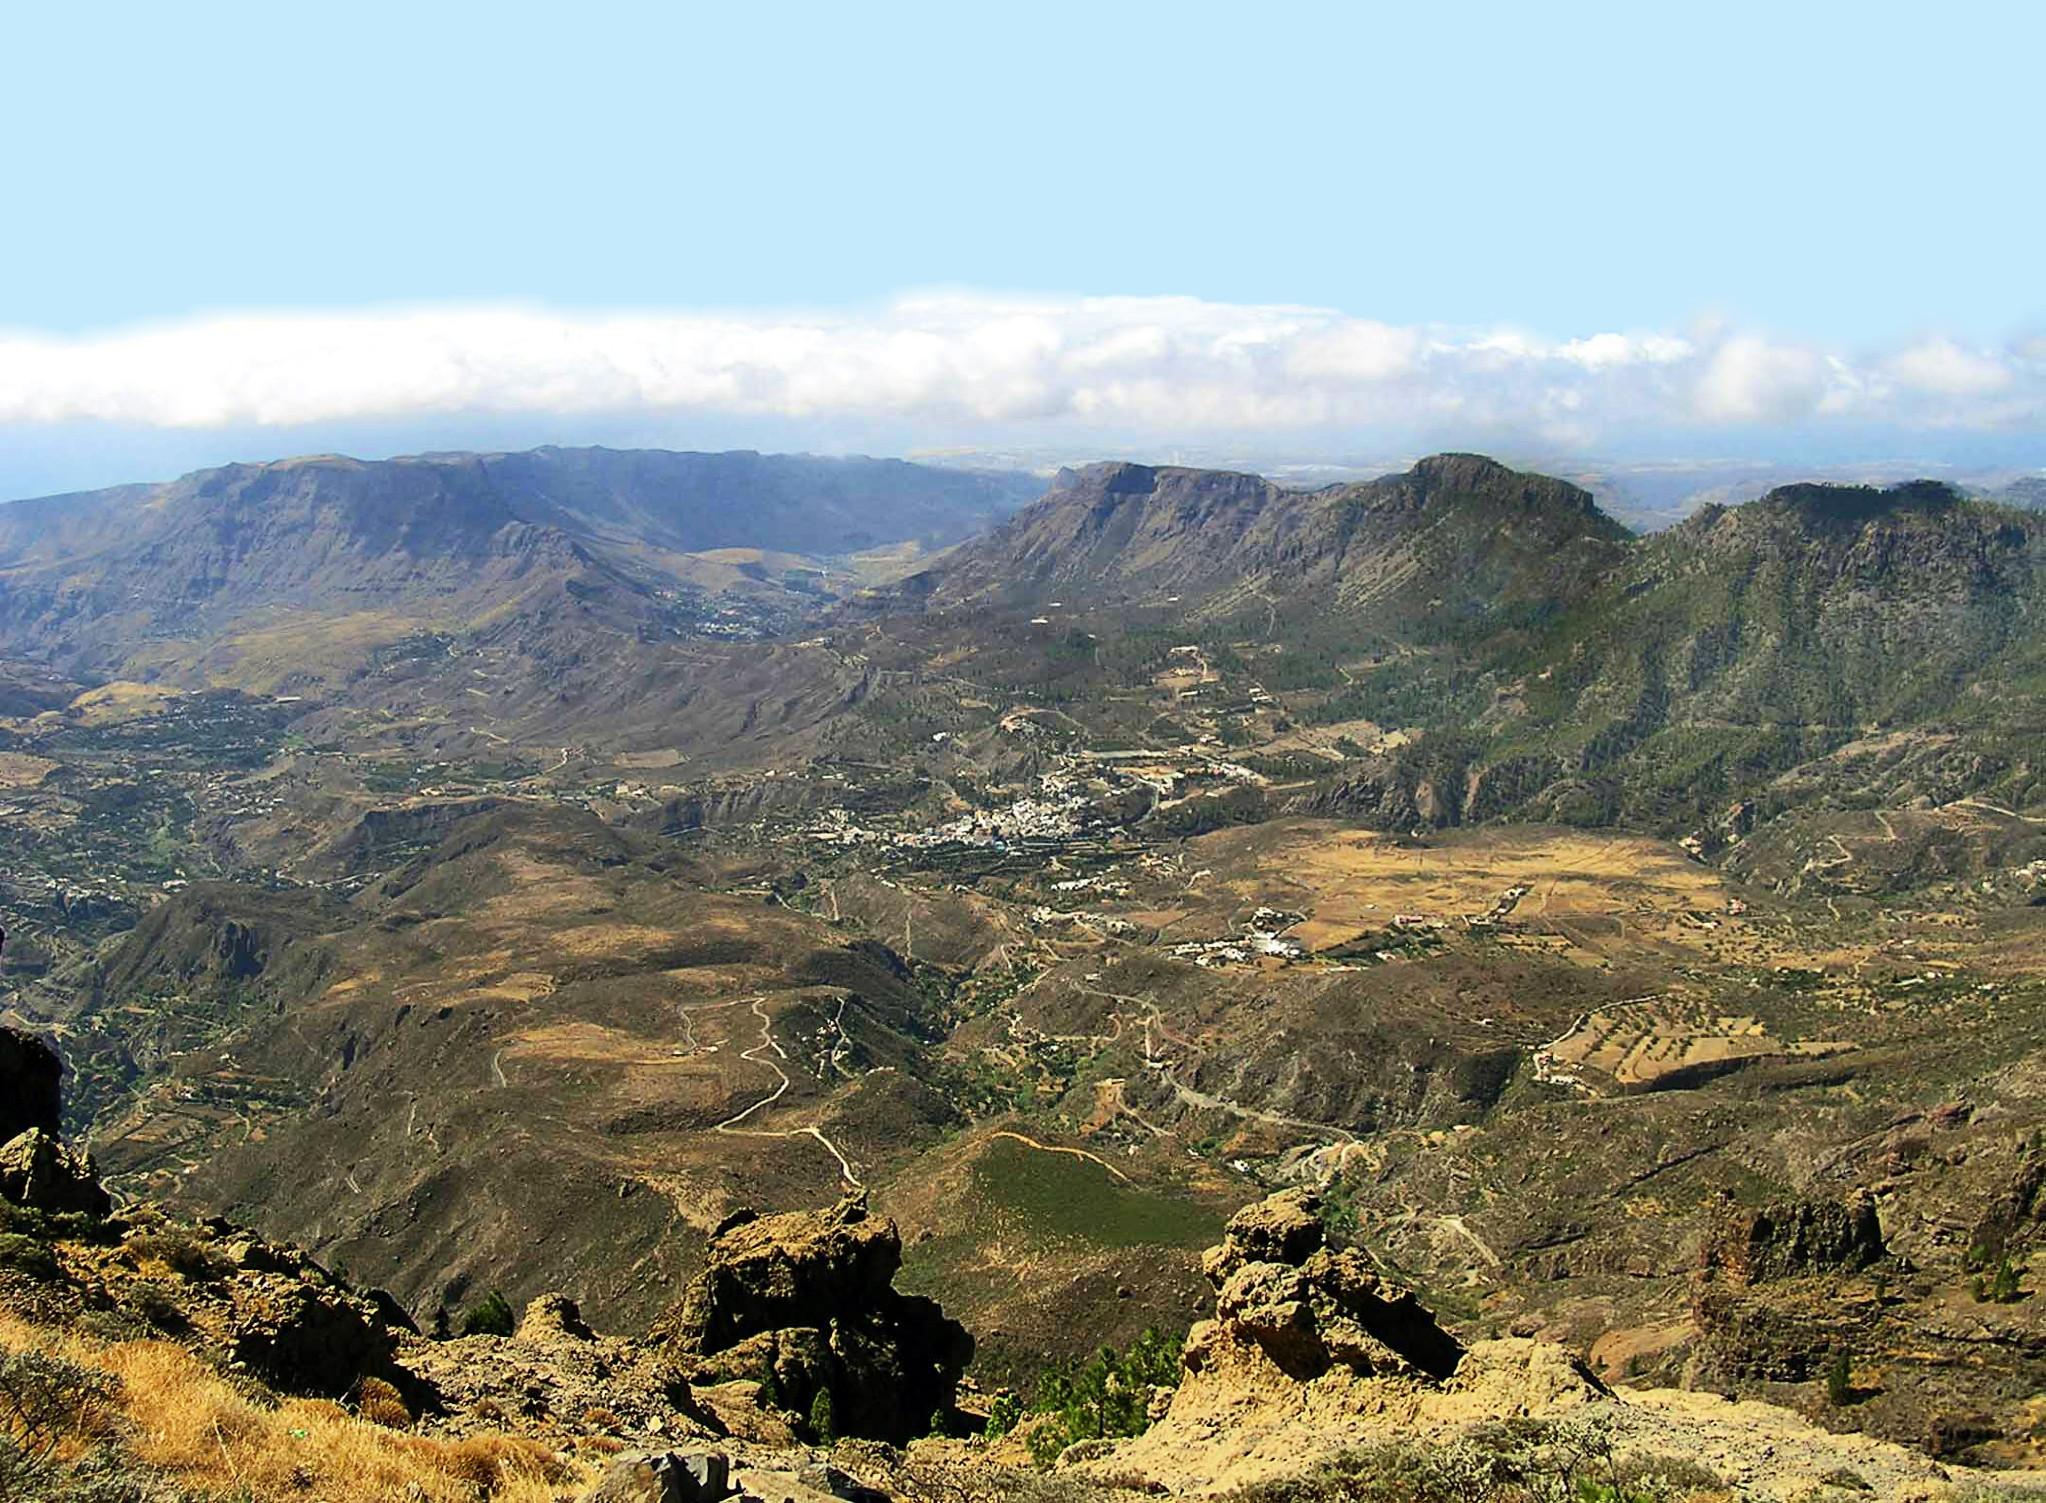 Vista Panorámica de San Bartolomé de Tirajana barrancos y montañas Tunte Gran Canaria